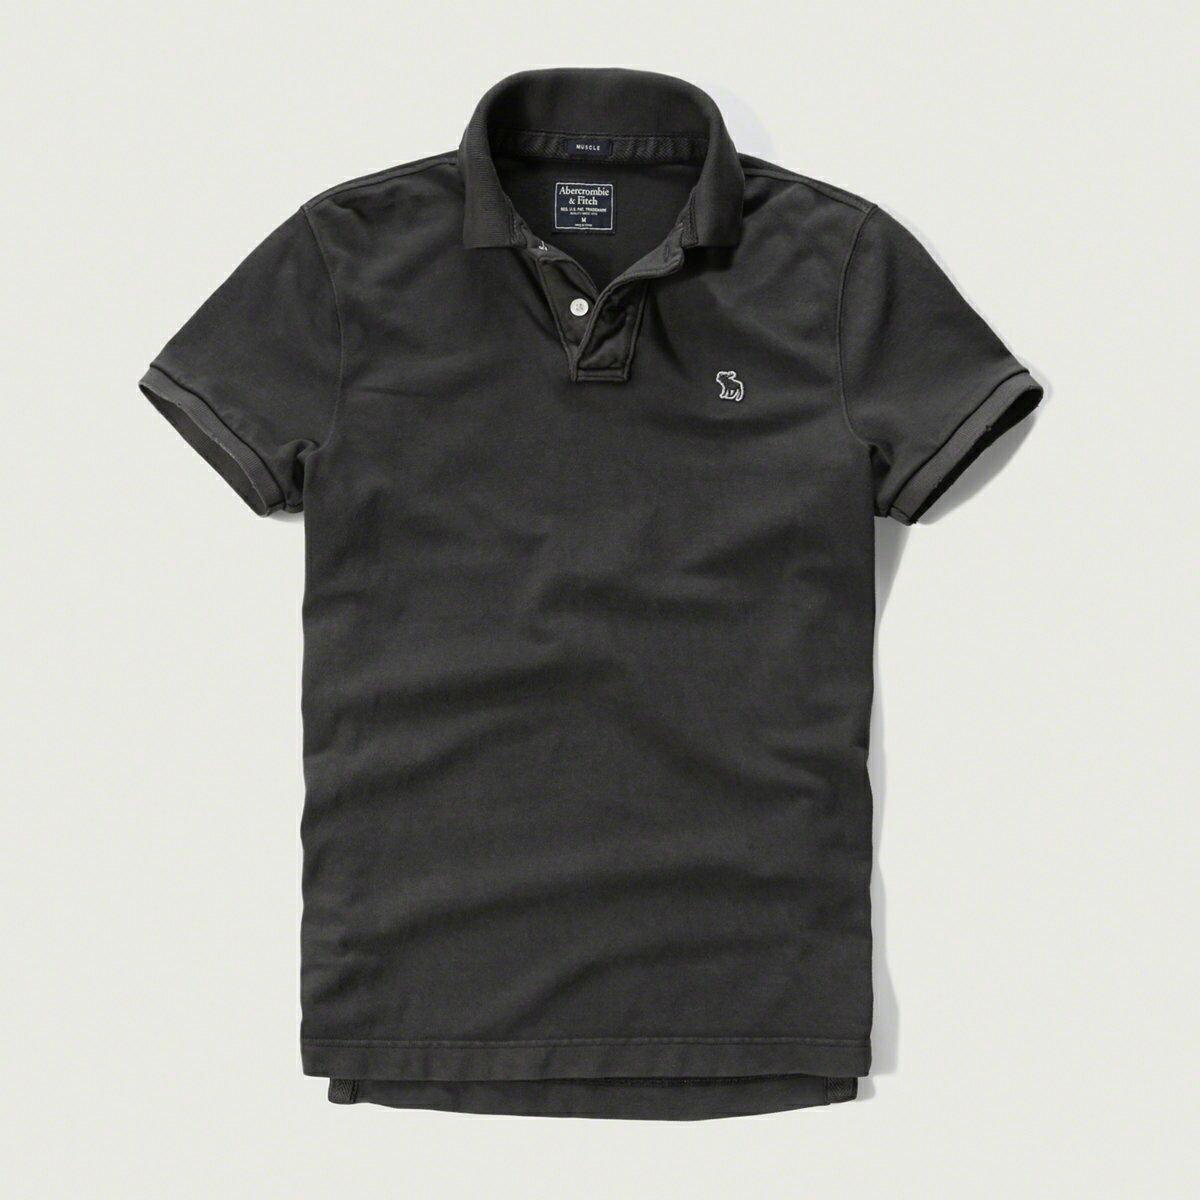 美國百分百【Abercrombie & Fitch】Polo衫 AF 短袖 麋鹿 男 素面 洗舊黑 新款 特價 S M L XL號 G352